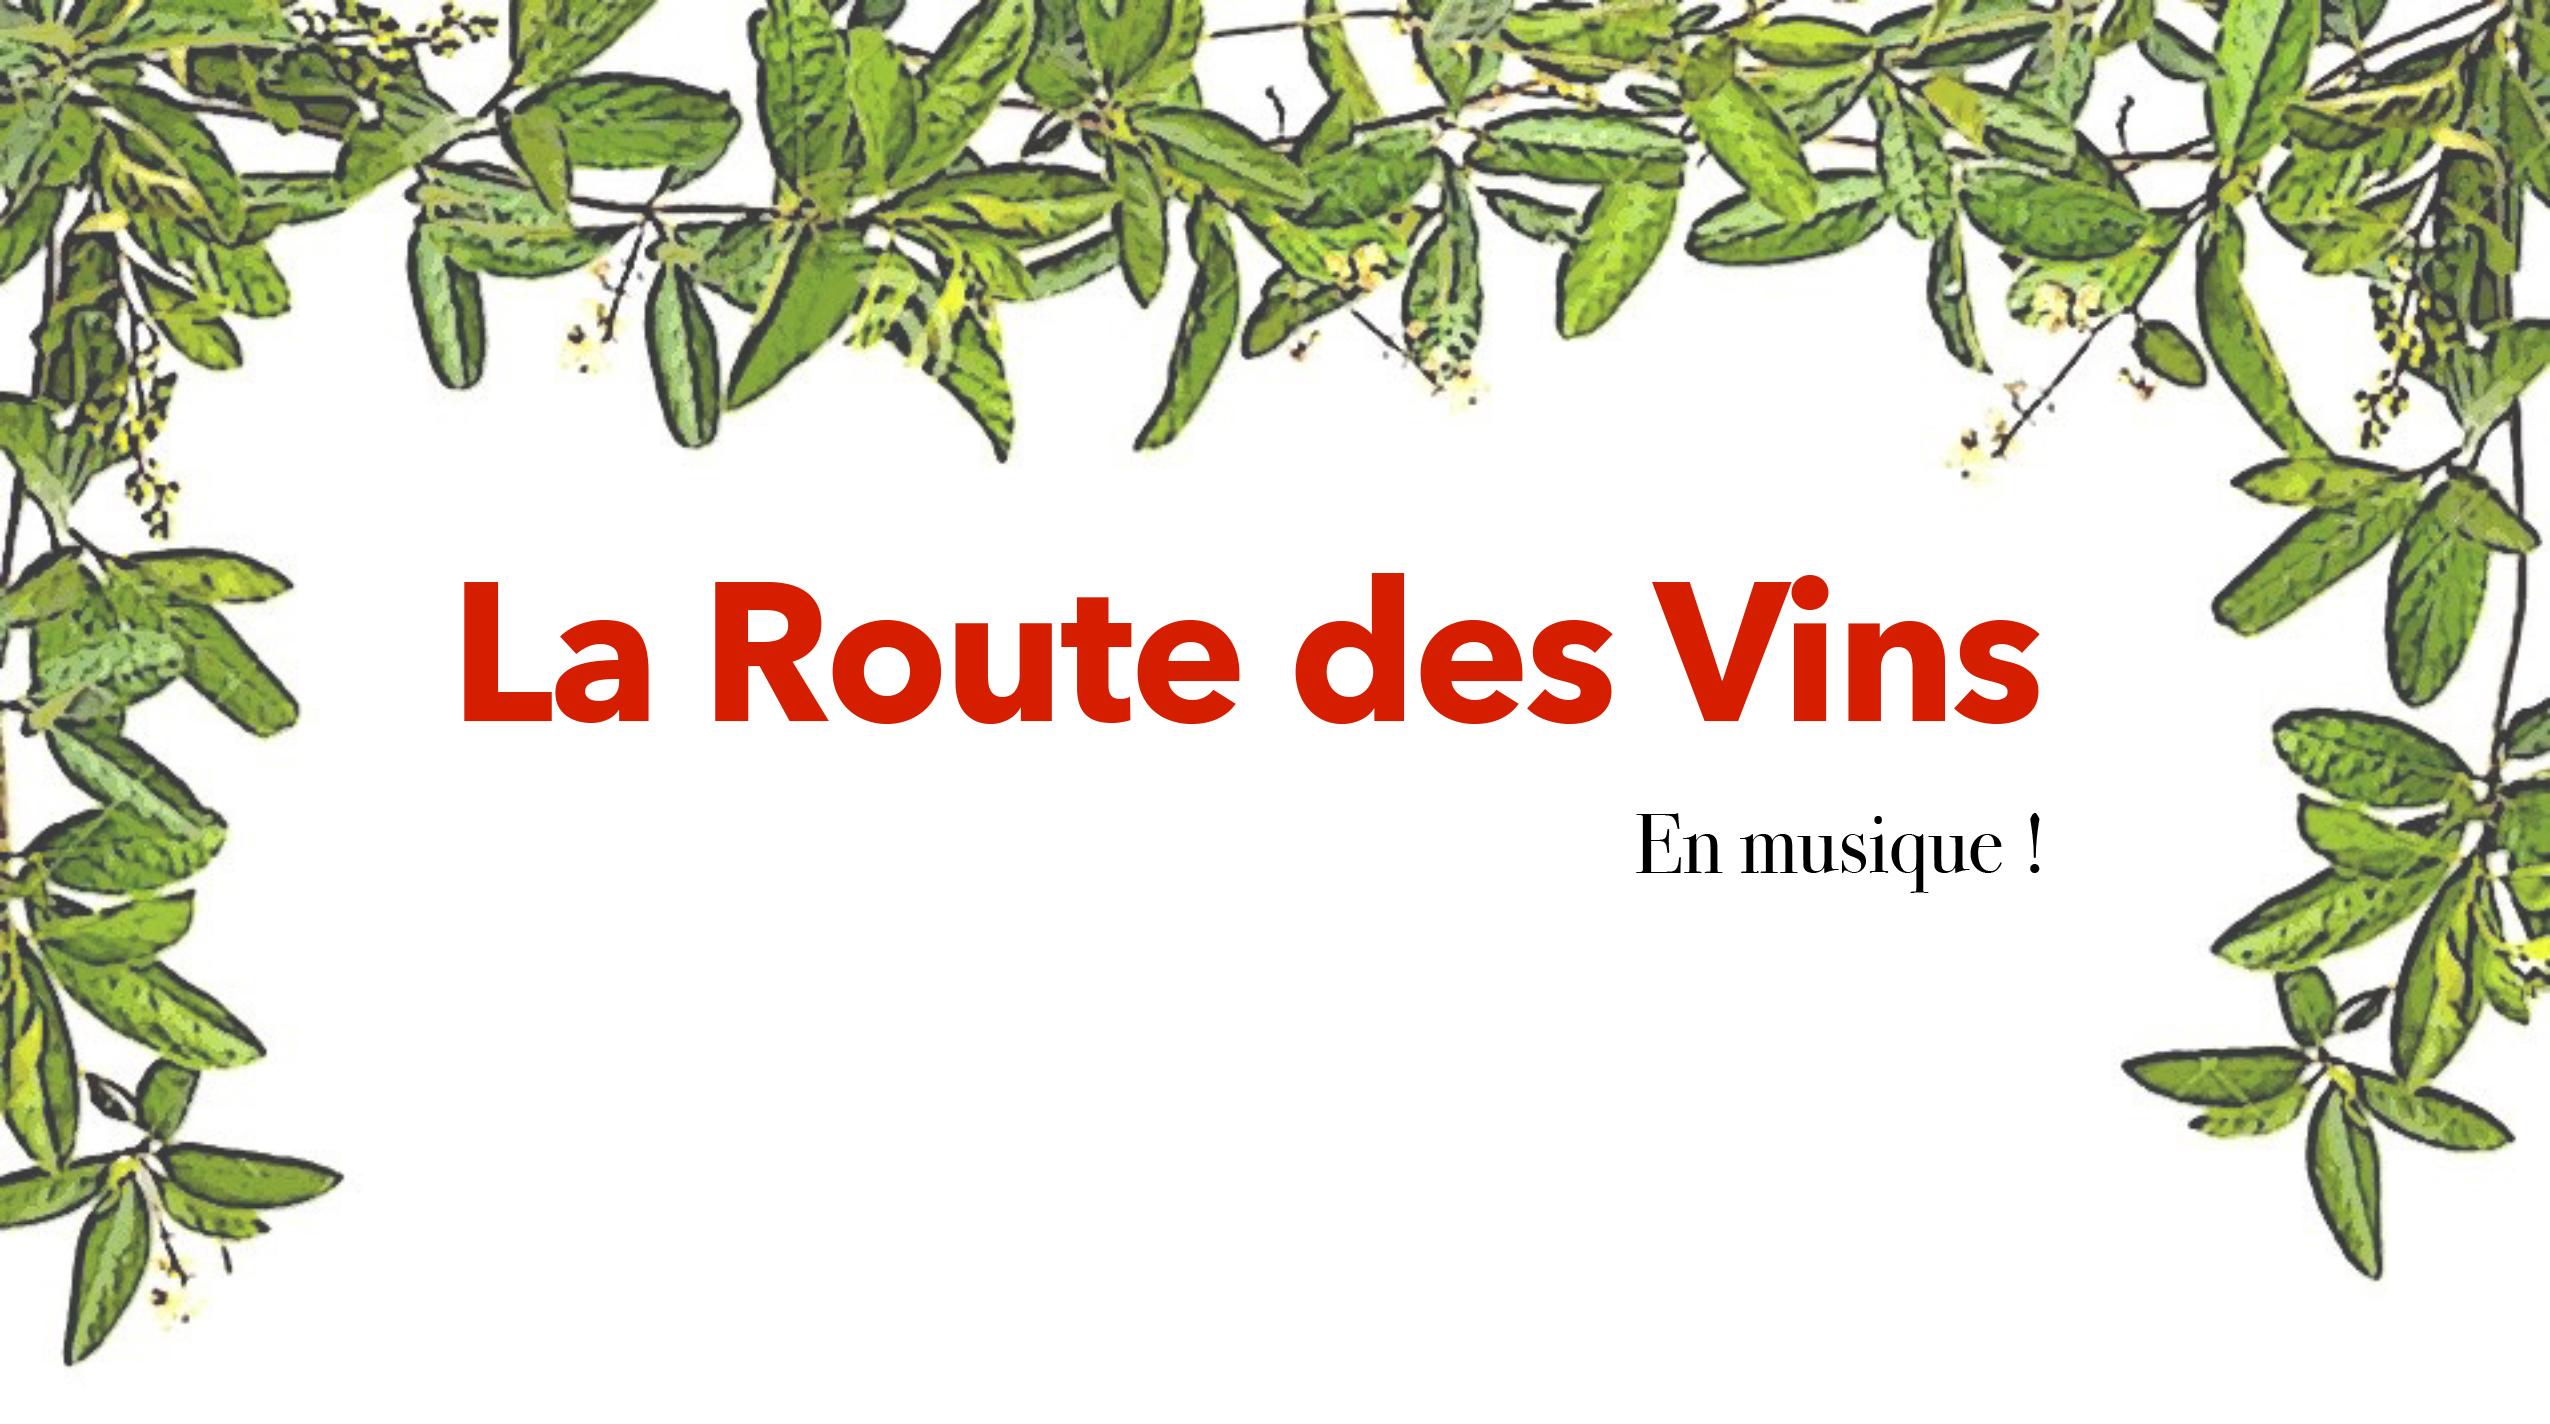 La Route des vins en musique